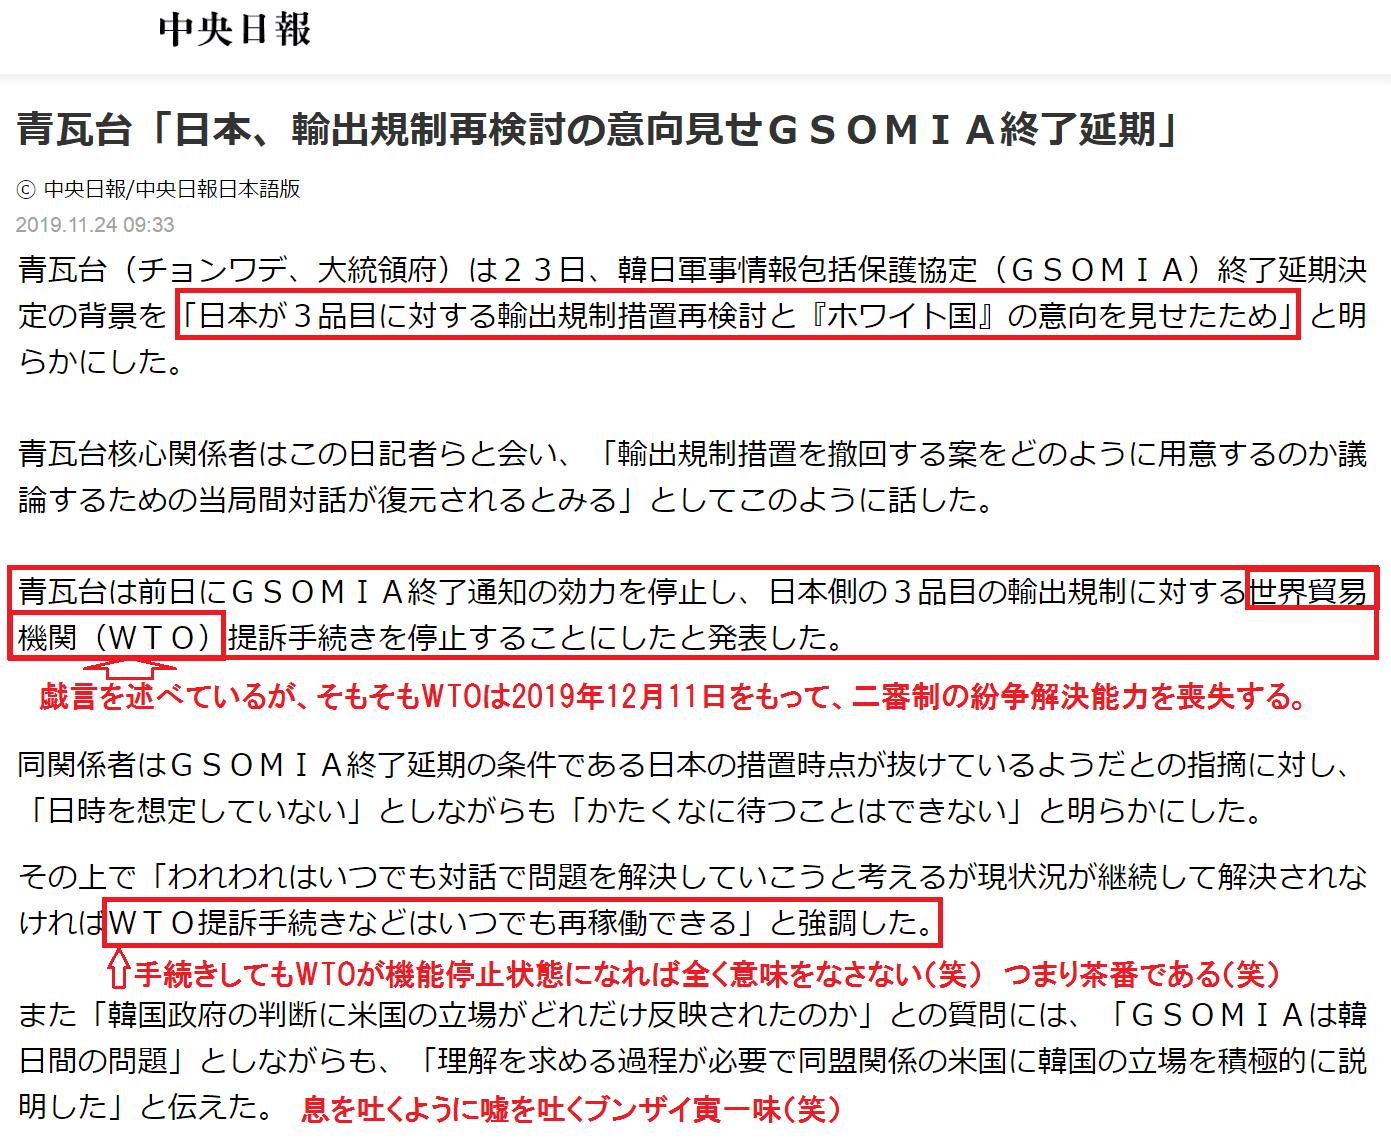 ブンザイ寅一味「GSOMIA破棄を中止したのは日本が折れたから」